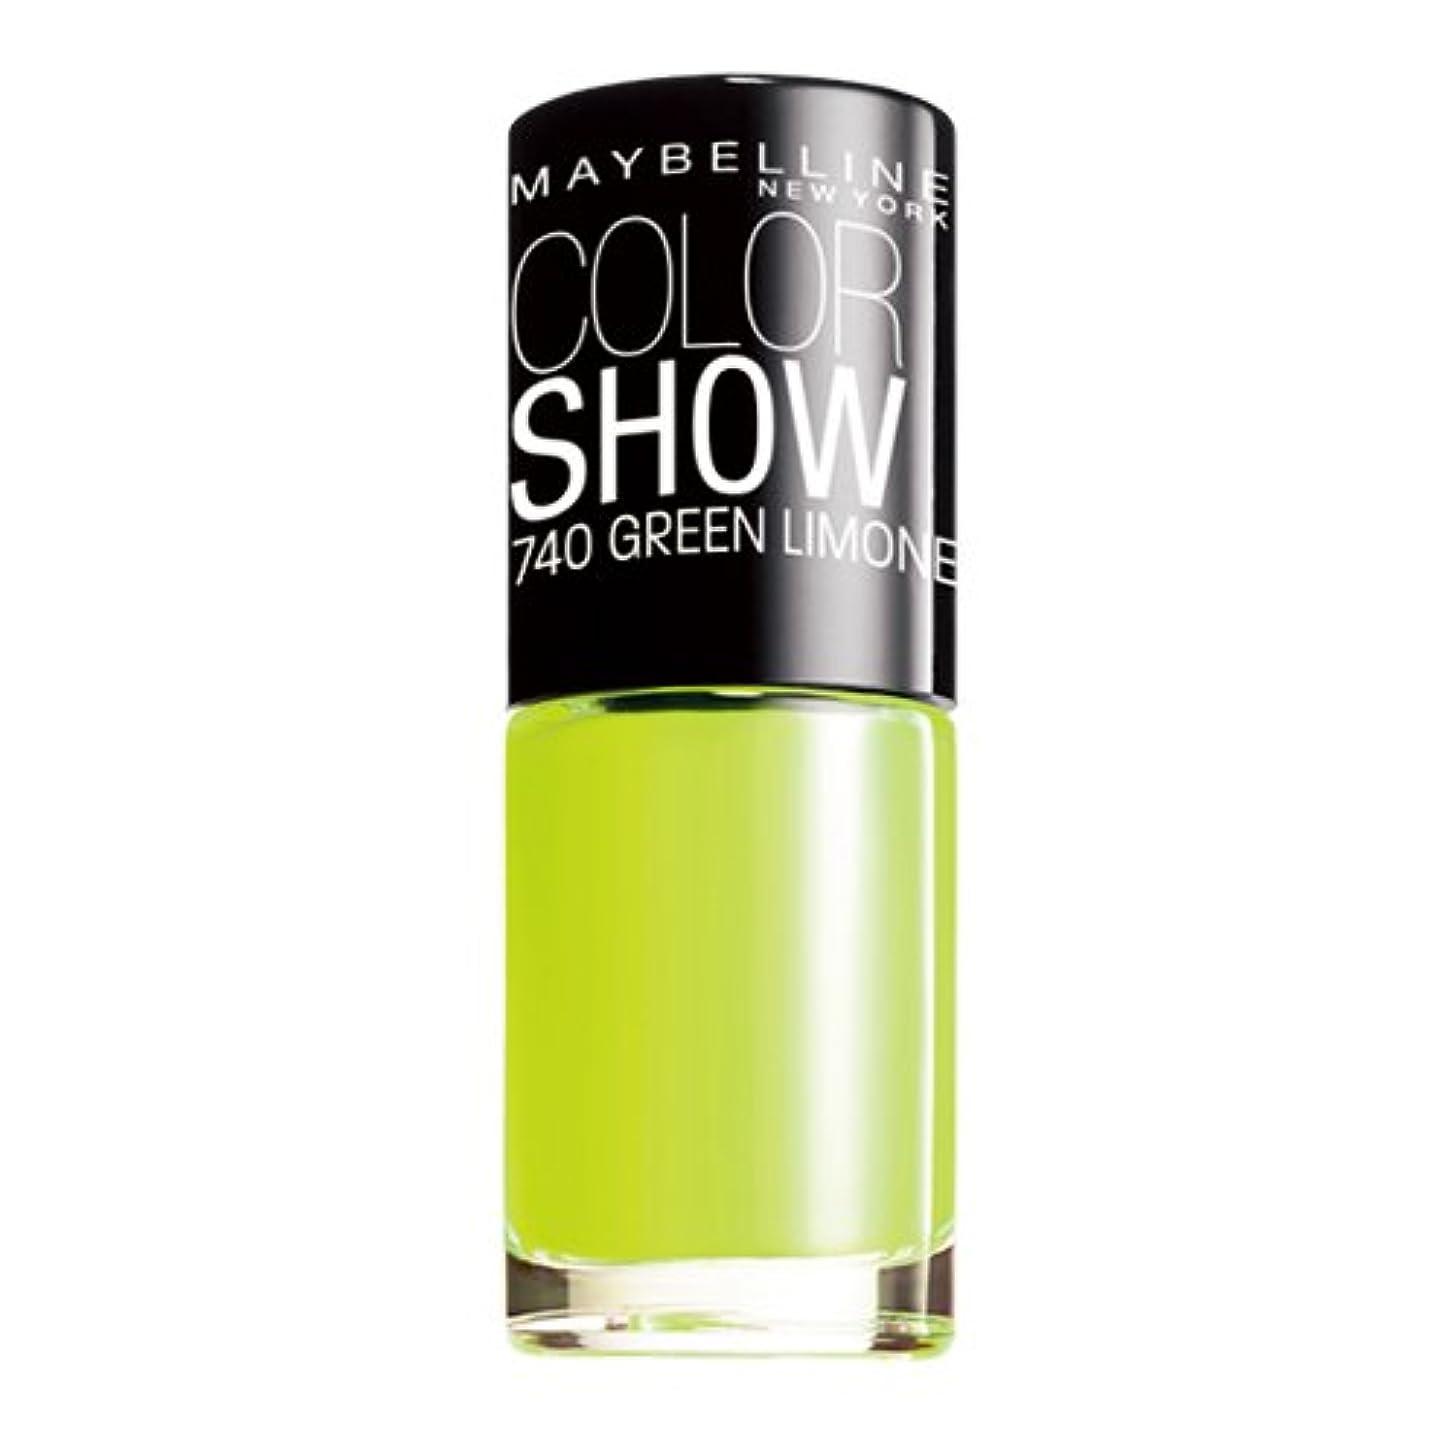 製油所一定下手メイベリン カラー ショー ネイル B 740 グリーン リモーネ